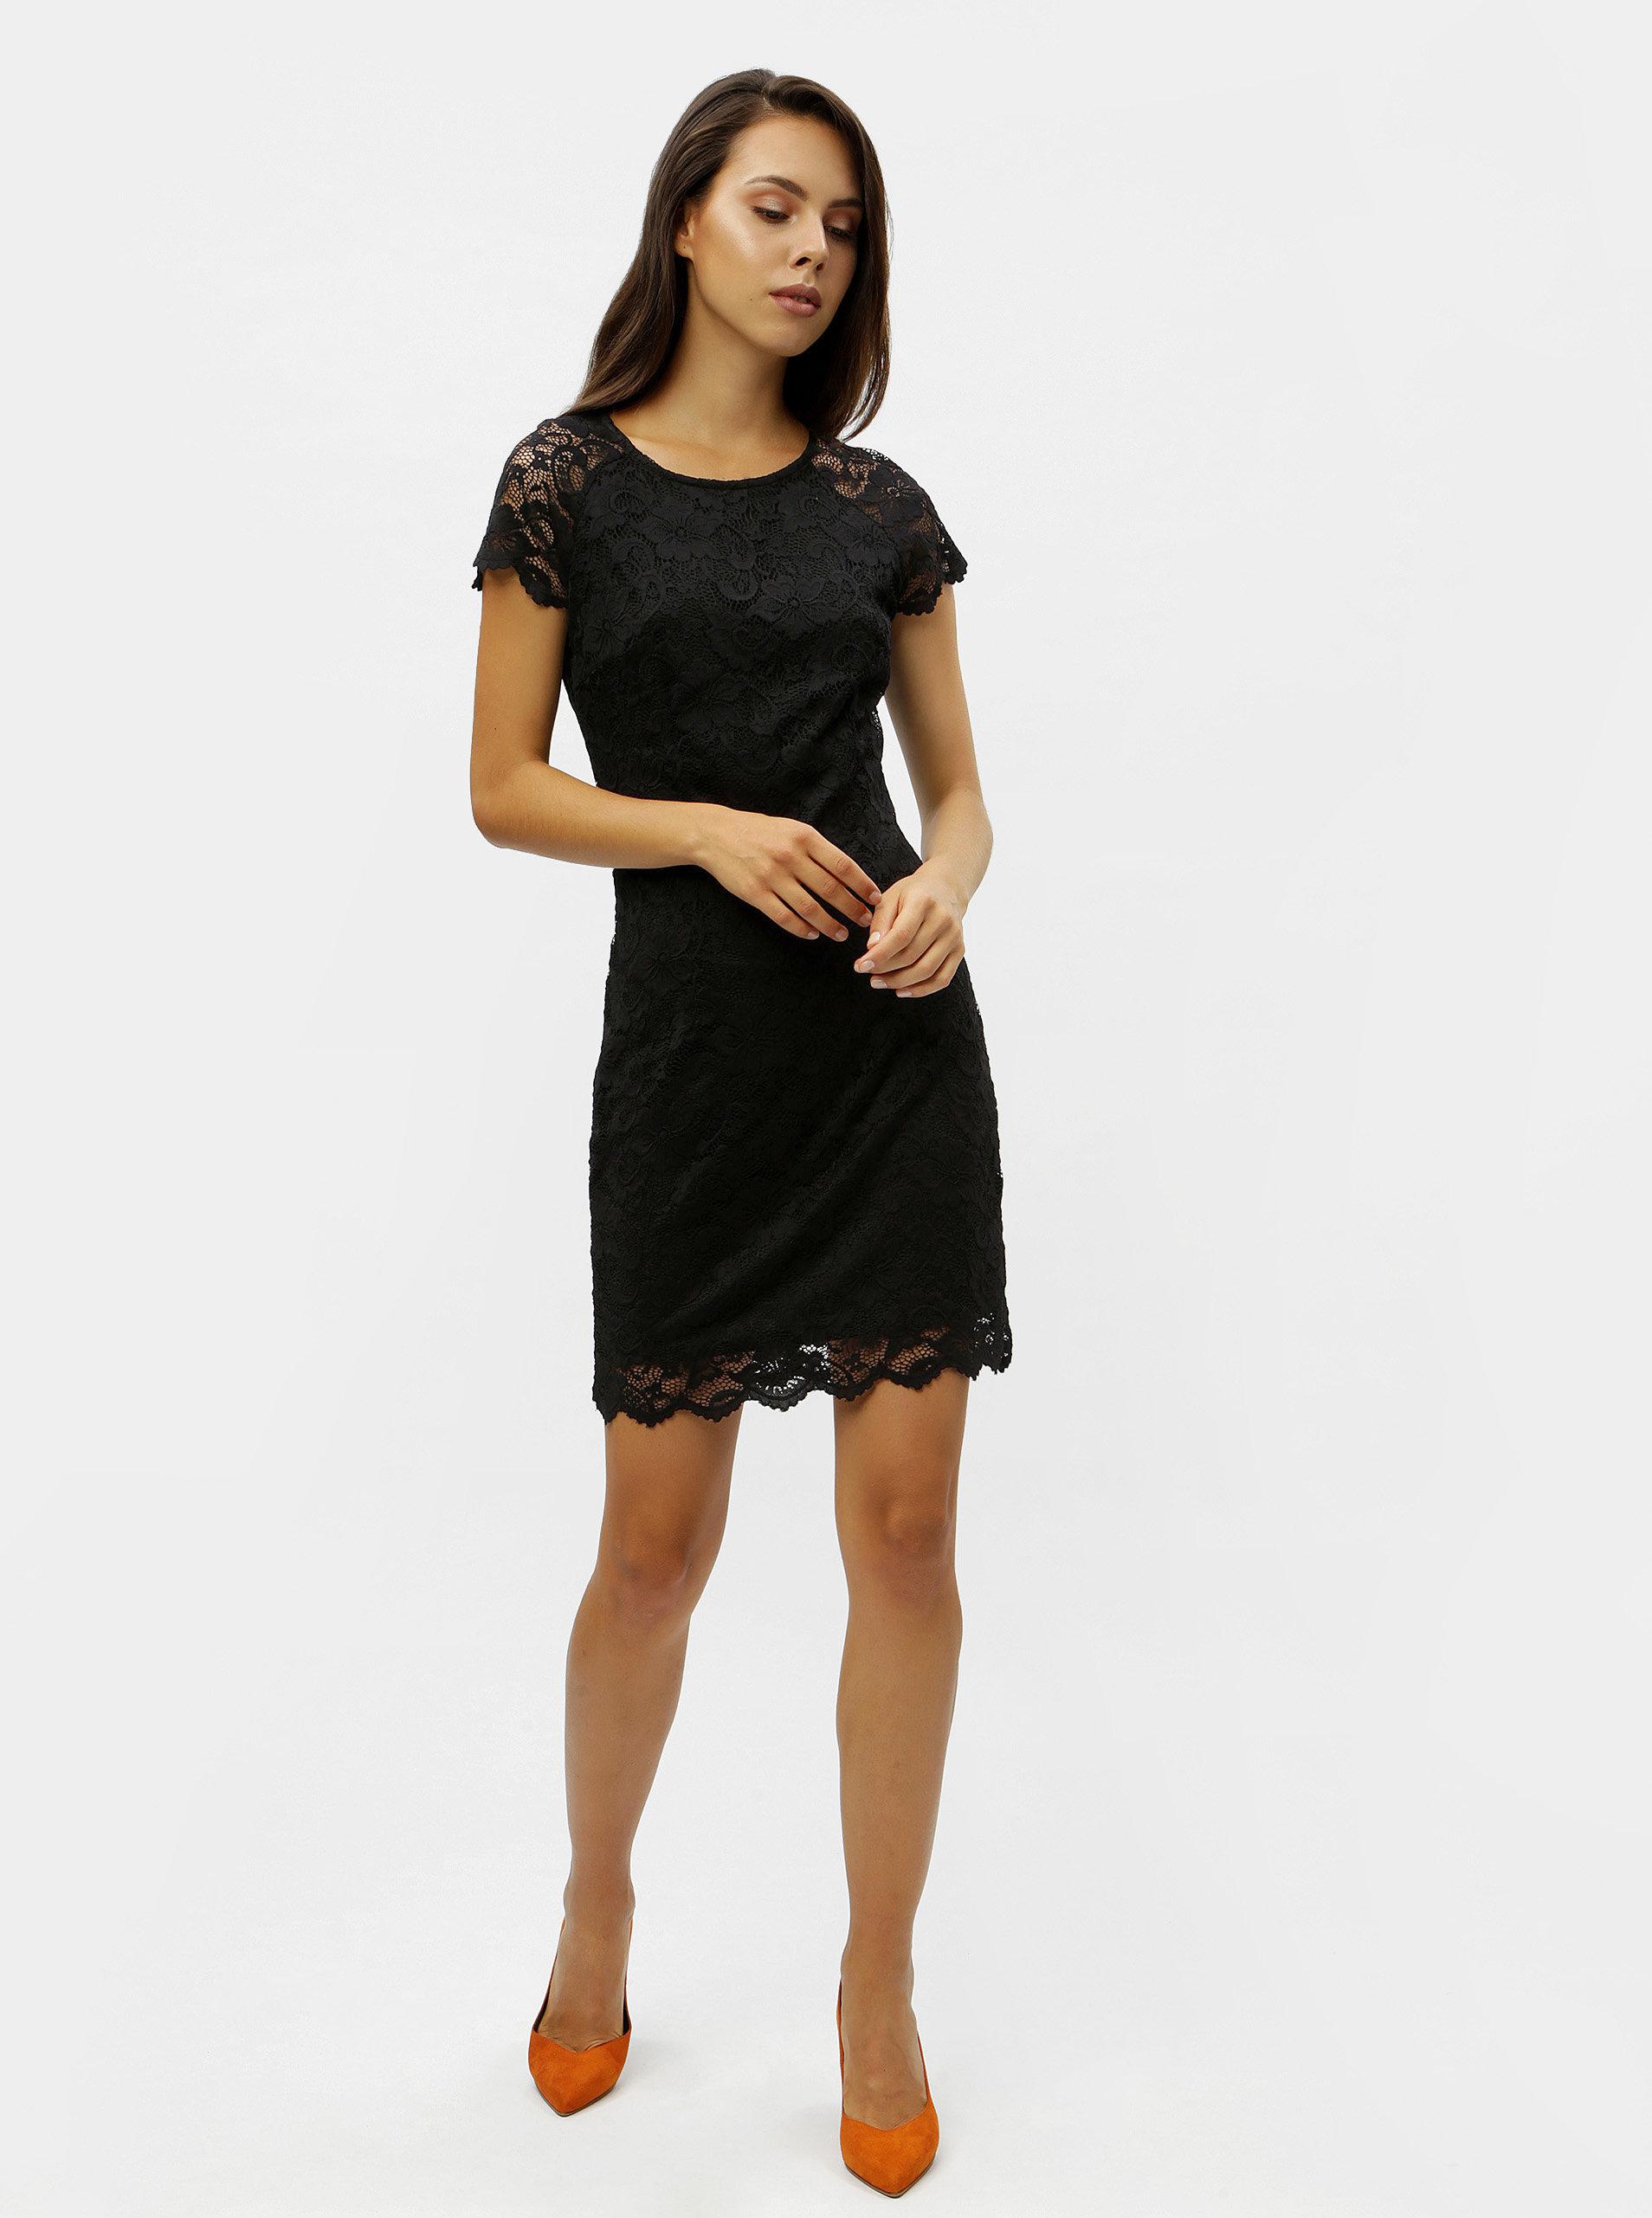 6f4c52a9cea9 Čierne čipkované šaty s krátkym rukávom VERO MODA Milli ...